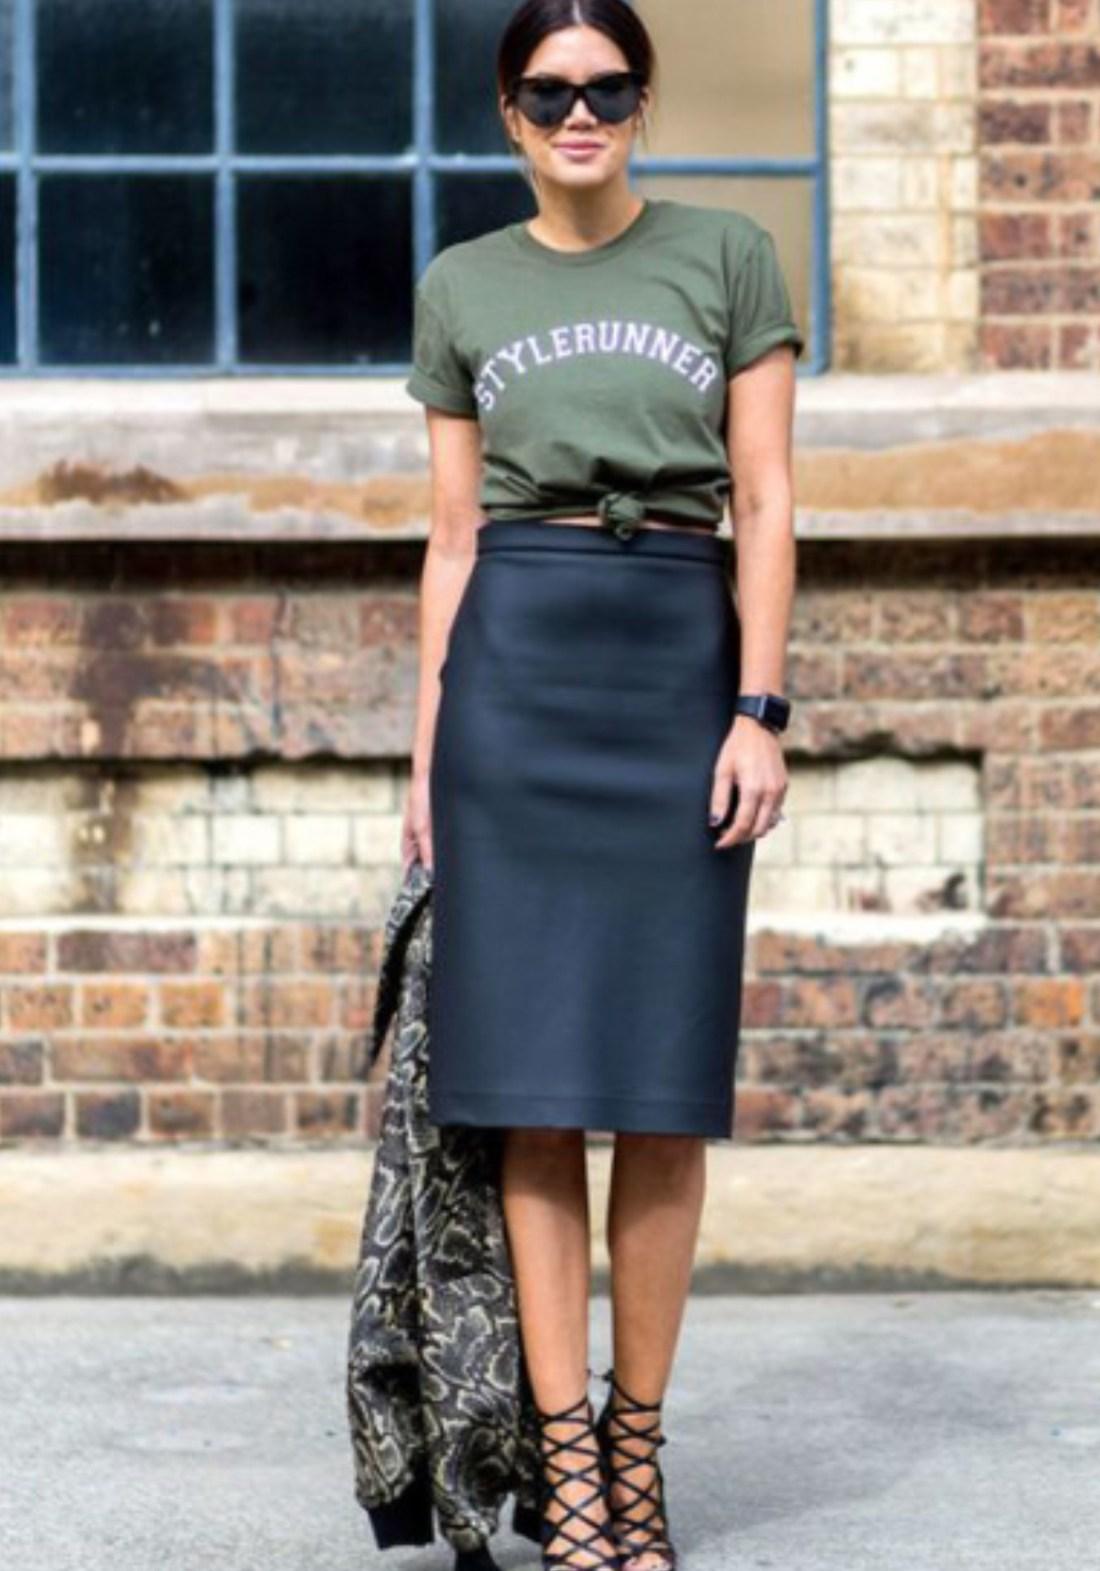 Navy Pencil Skirt + Stylerunner T-Shirt | https://thehautemommie.com/haute-style-midi-skirts-tee-shirts/